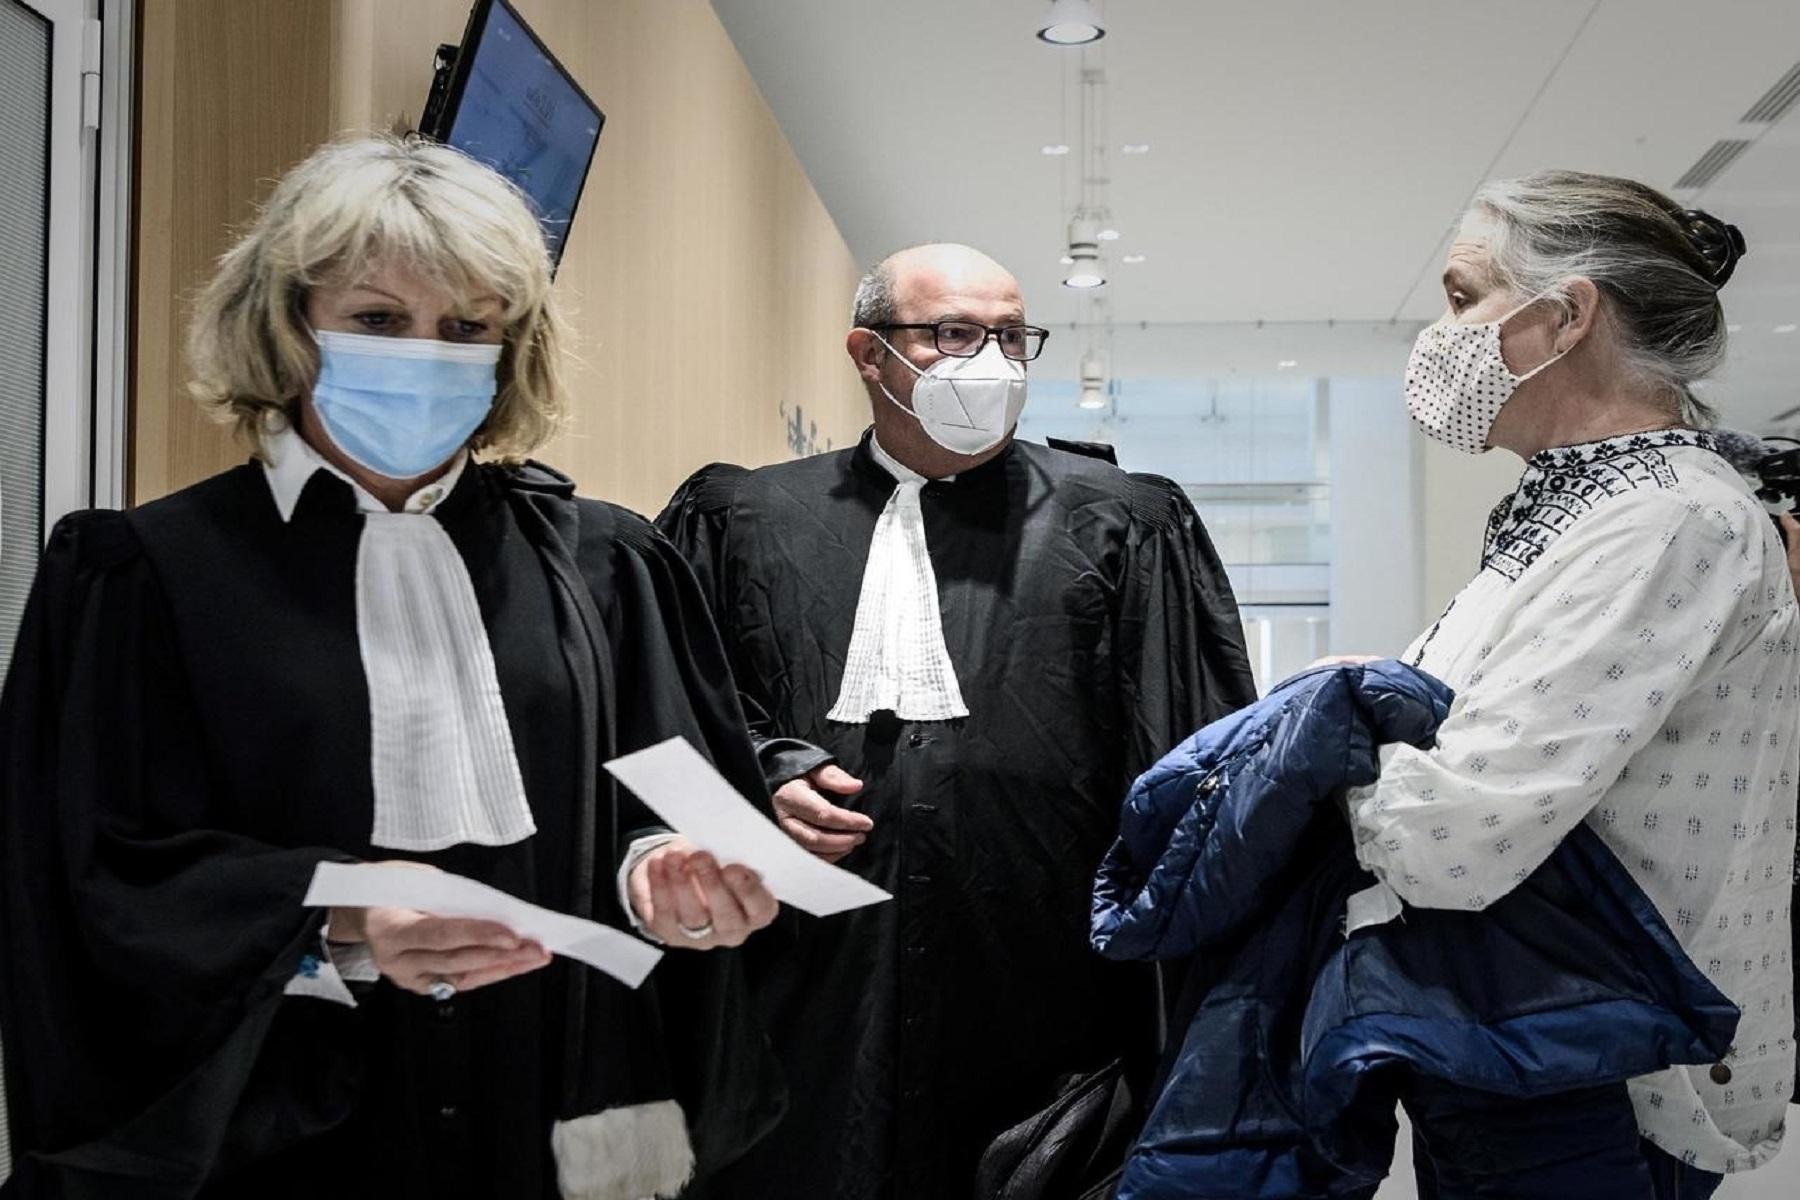 """Δικαστήριο Παρίσι: """"Ρόλος φαρμακευτικής σε ένα από τα μεγαλύτερα σύγχρονα σκάνδαλα υγείας της Γαλλίας"""""""